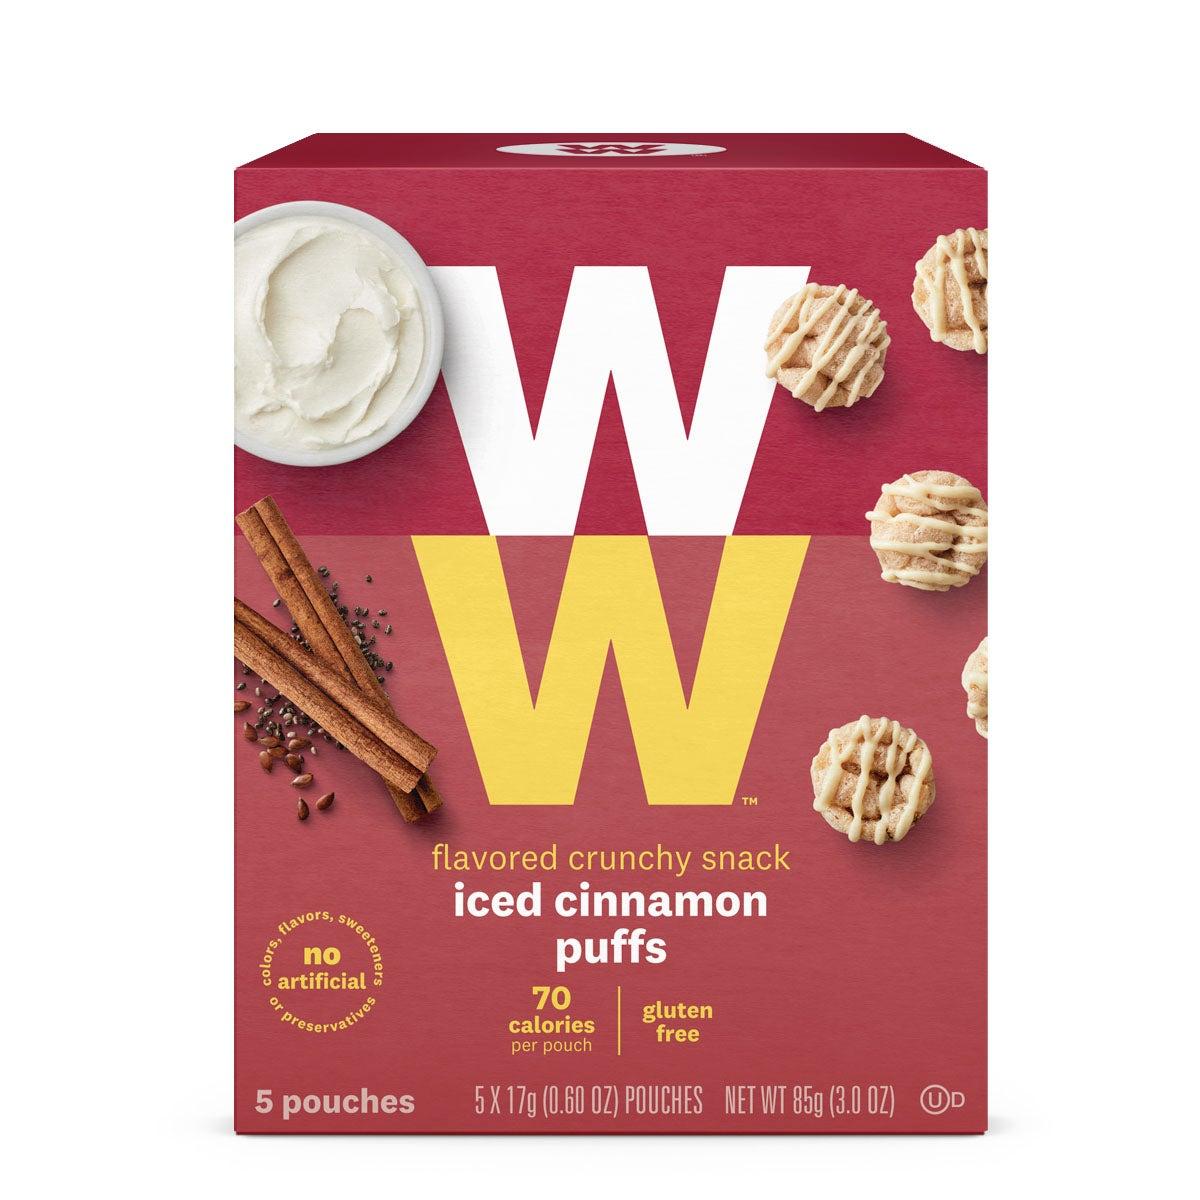 Iced Cinnamon Puffs